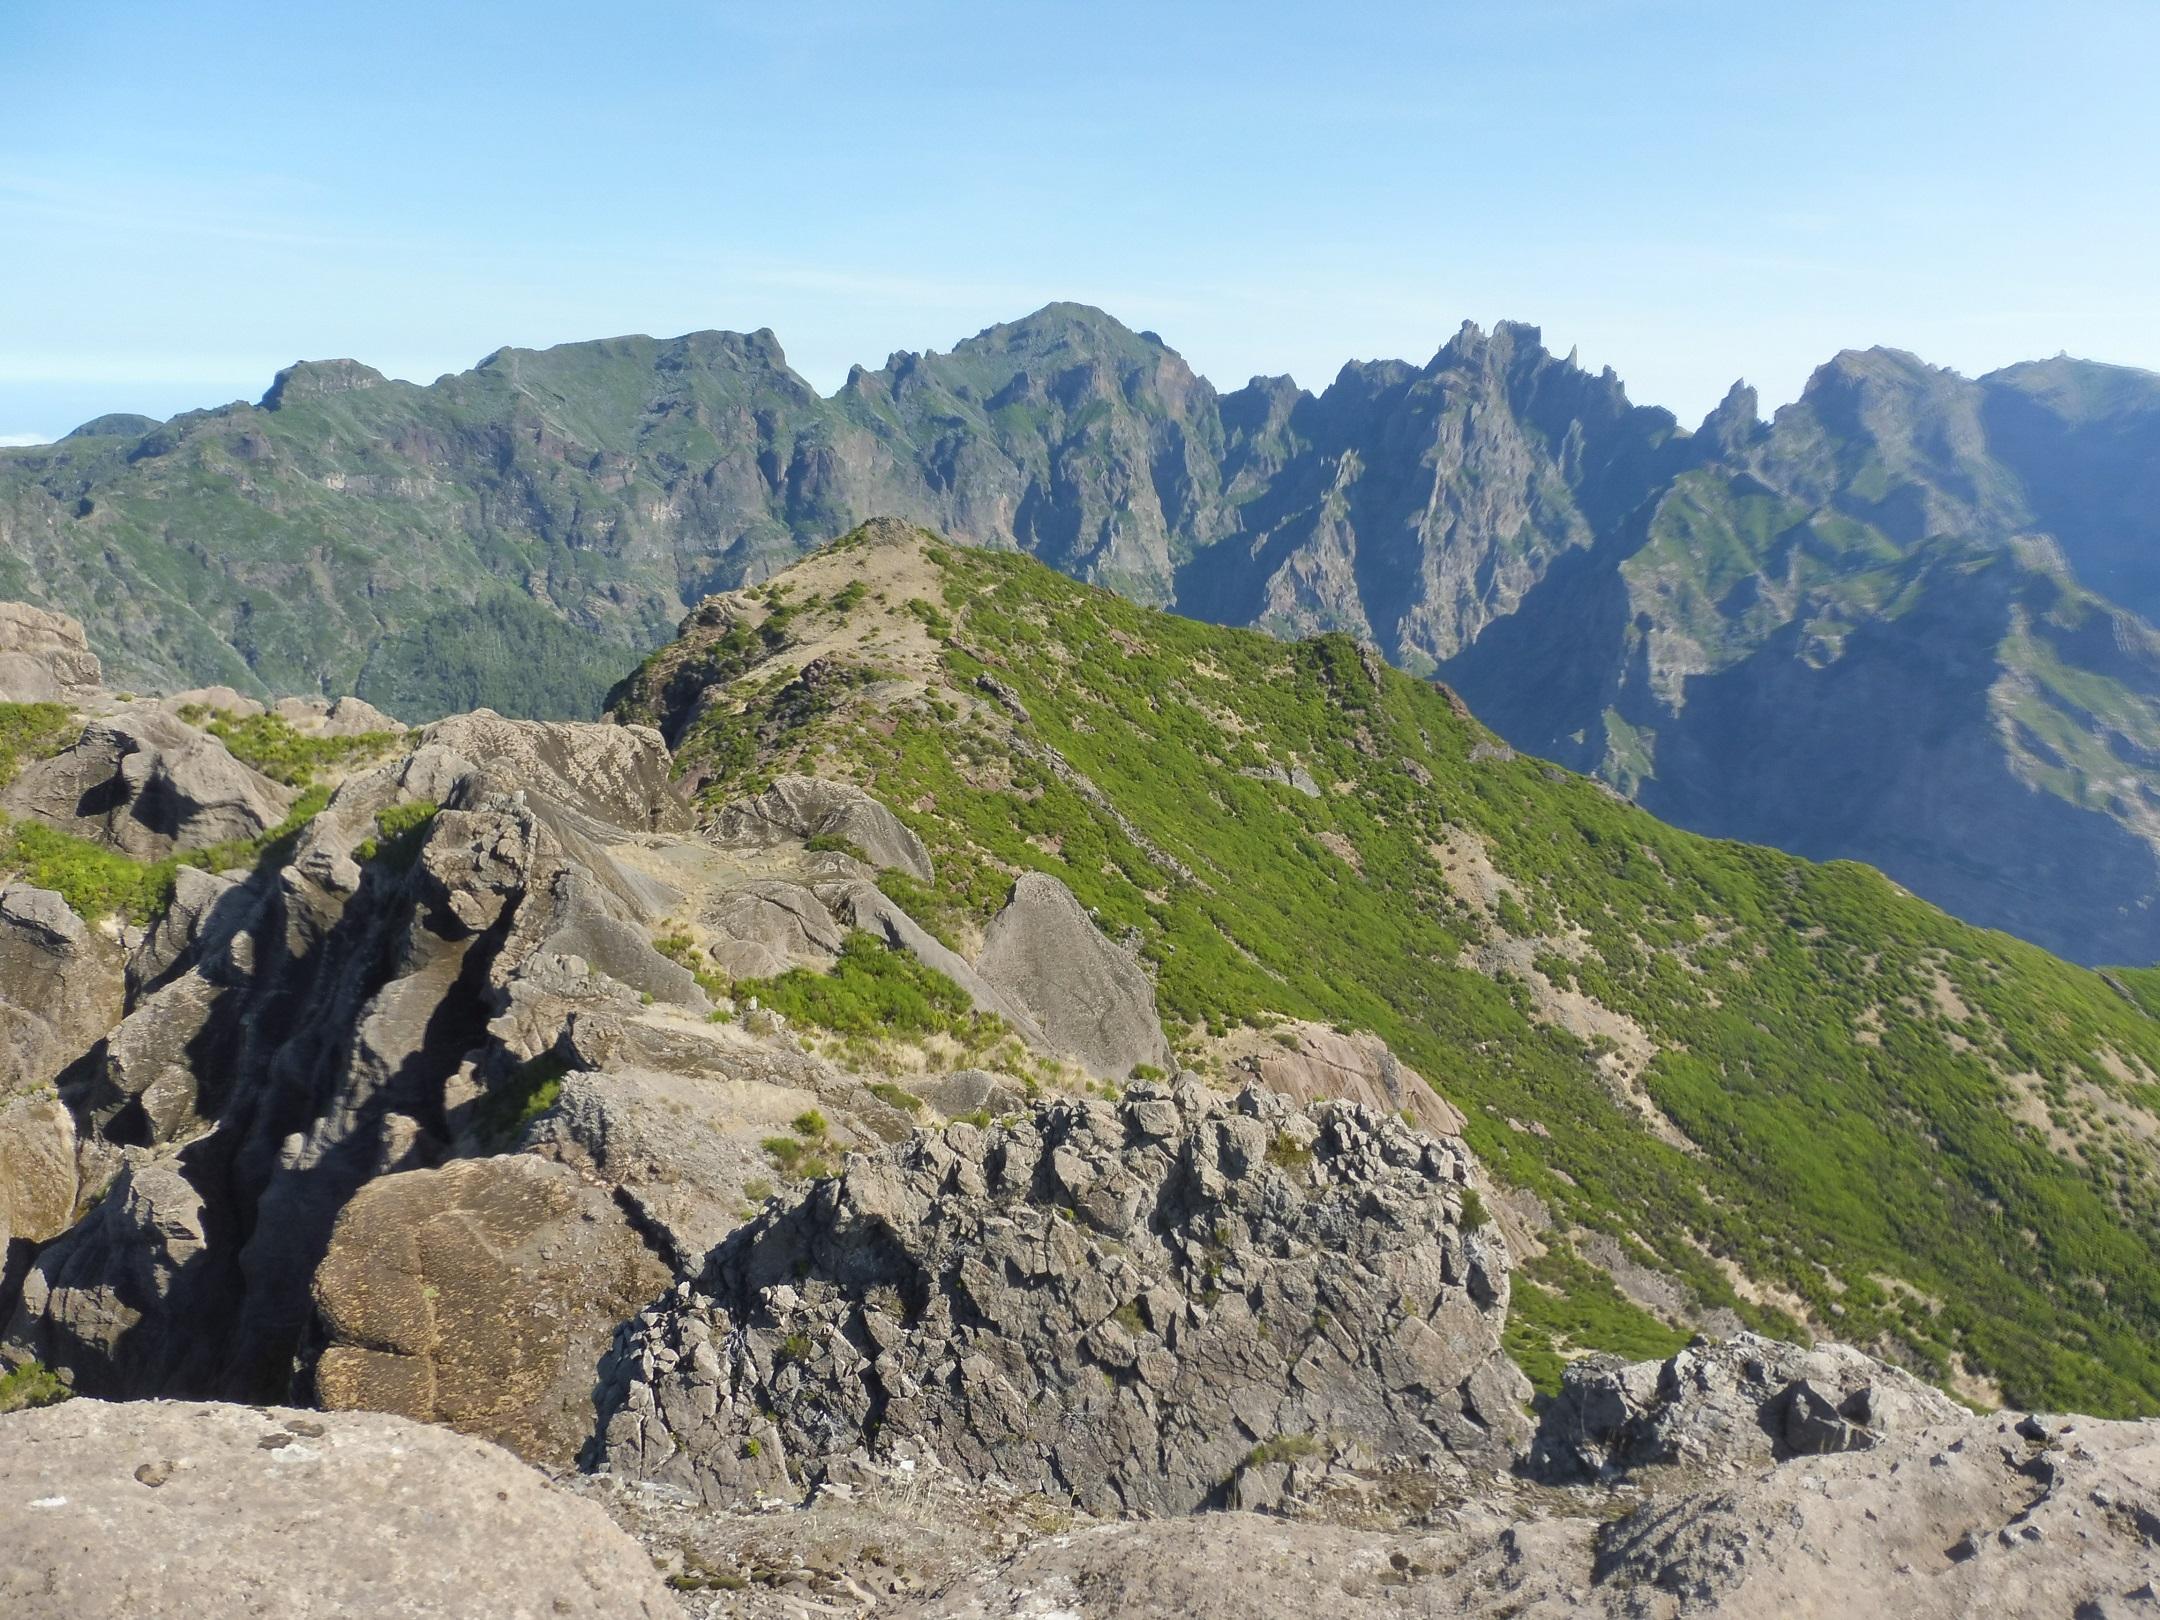 Madeira legnagyobb hegygerince, balról jobbra a Pico Ruivo, a Pico das Torres és a Pico do Arieiro